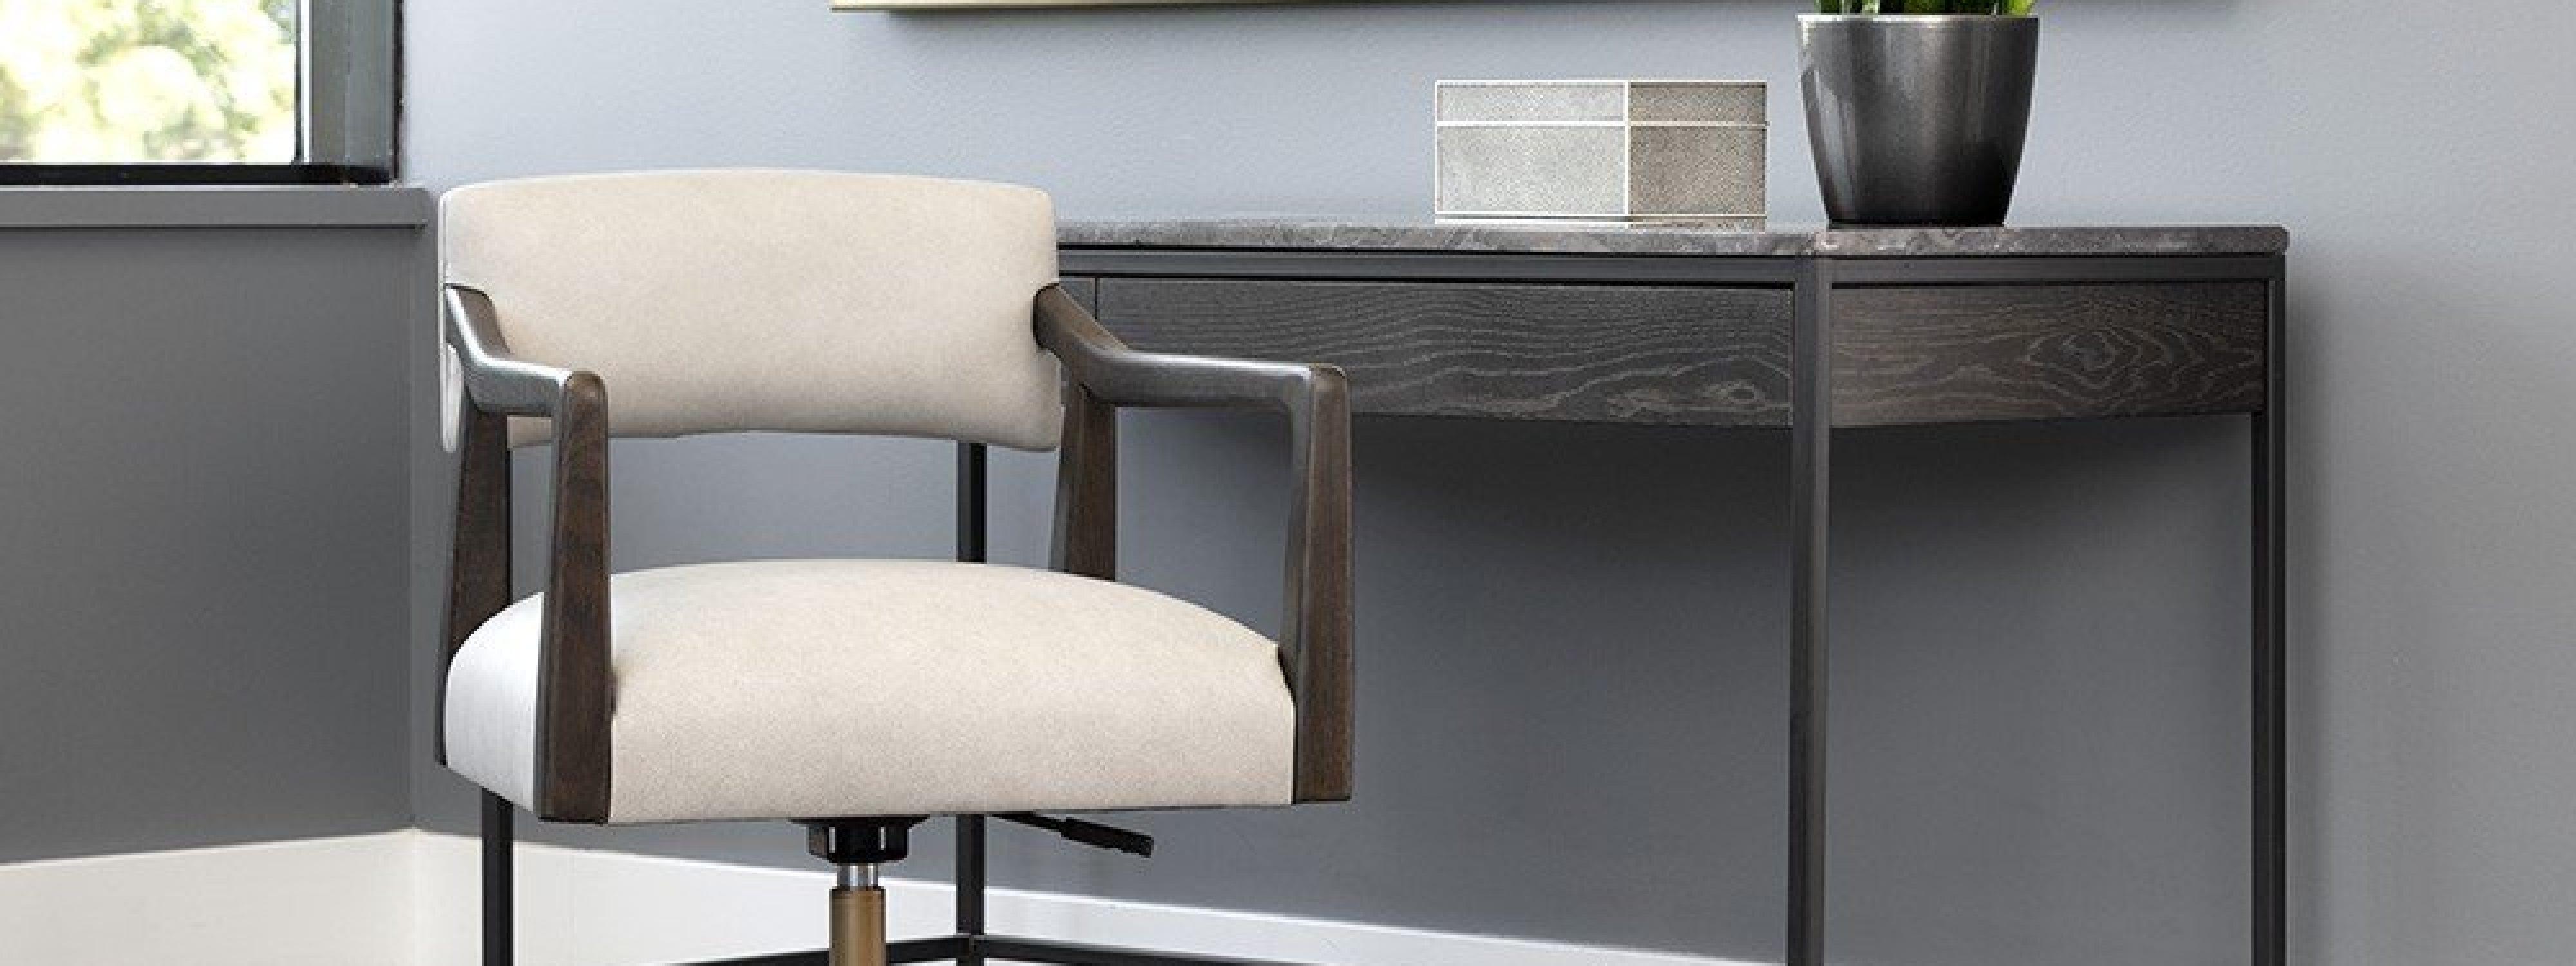 Keagan Office Chair by Sunpan